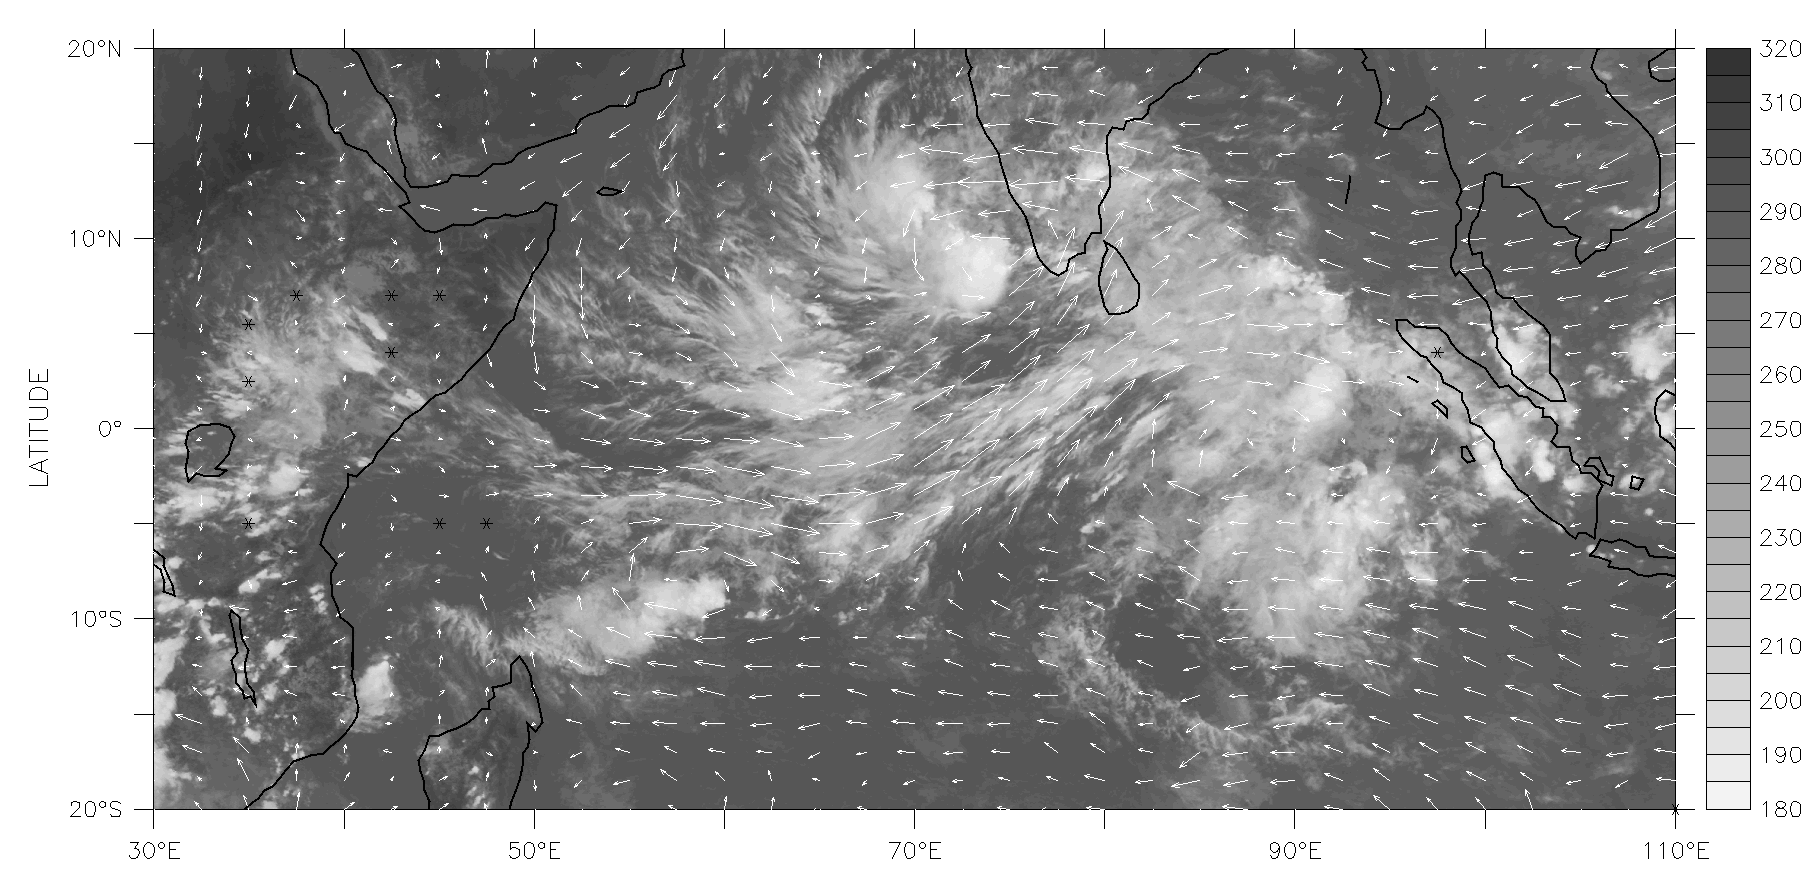 Un évènement MJO sur l'océan Indien: image satellitaire infra-rouge obtenue par Météosat le 26 novembre 2011 à 12h UTC, et vents à 850hPa